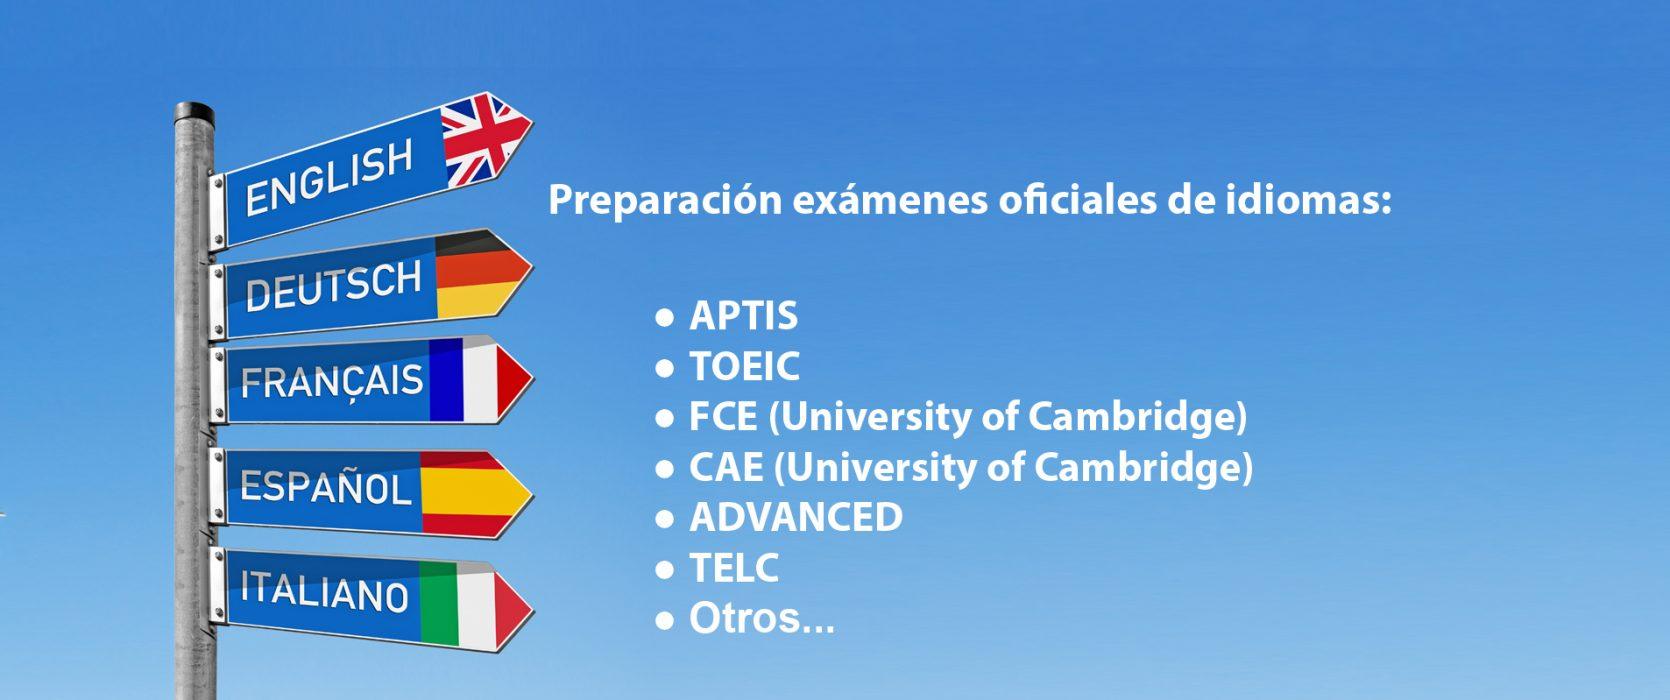 Preparación exámenes oficiales: APTIS, TOEIC, FCE, CAE, Advanced, TELC, OTROS